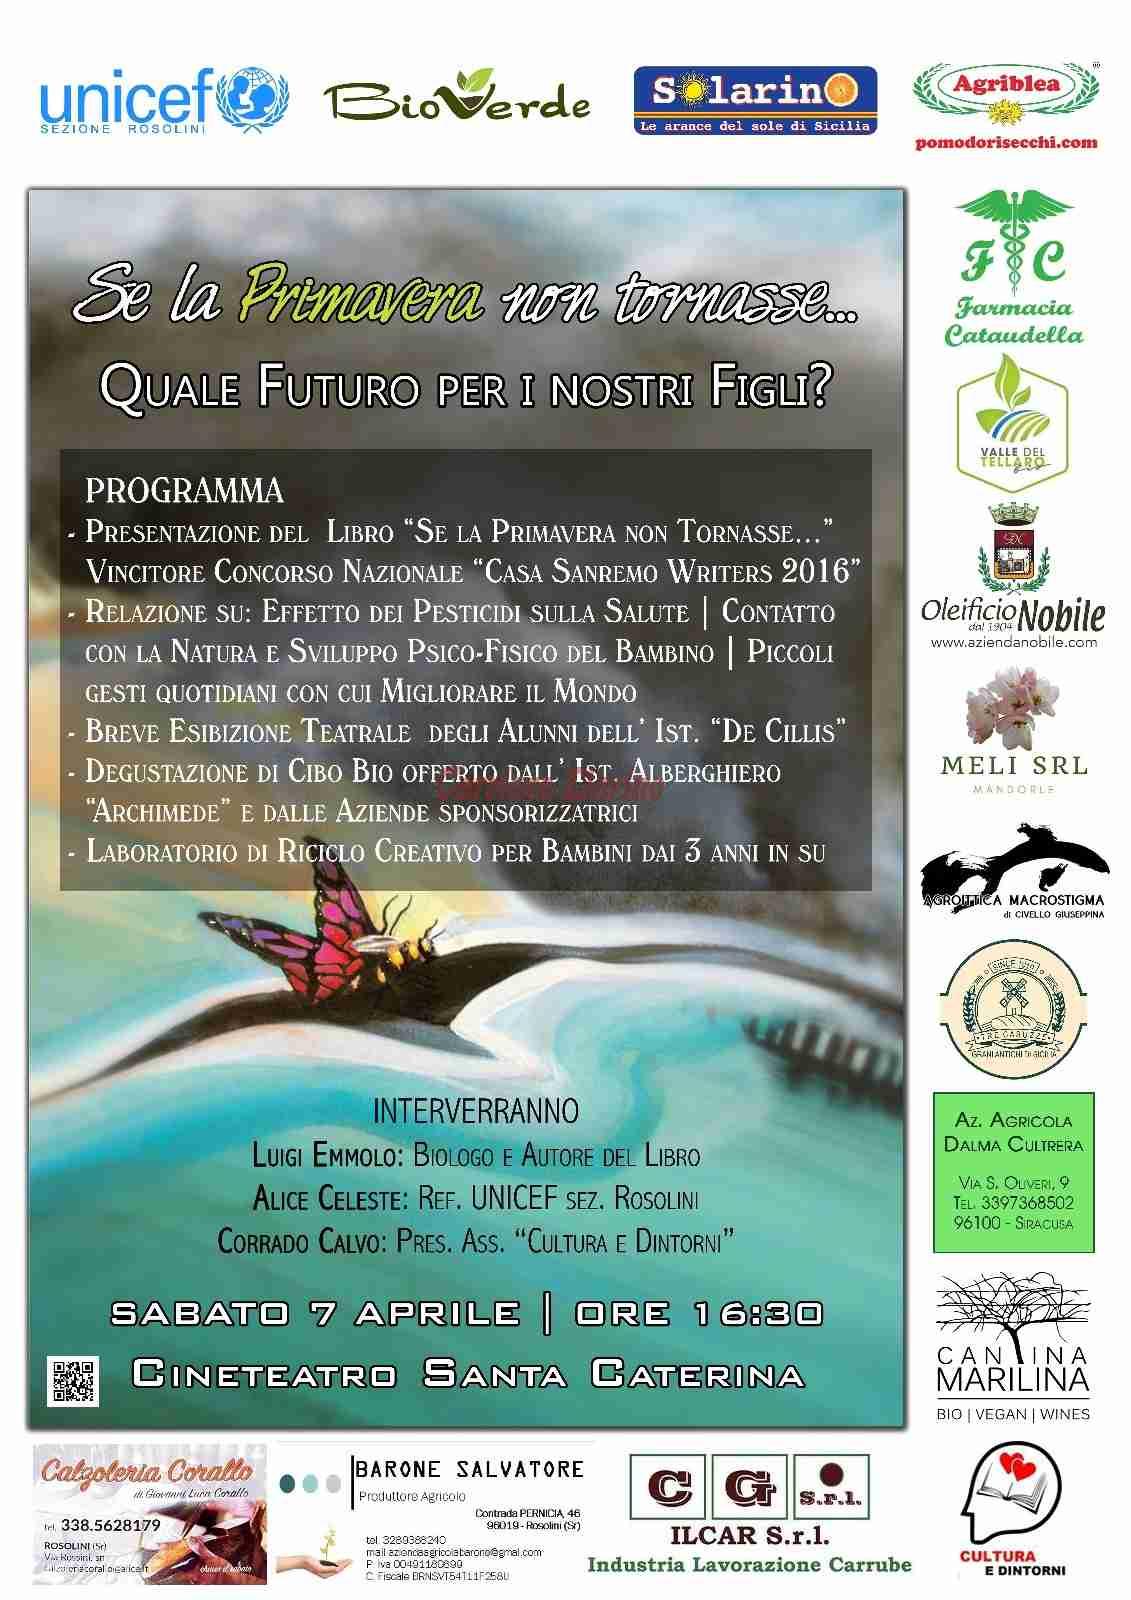 Il Libro di Luigi Emmolo per un evento in sinergia con l'Unicef